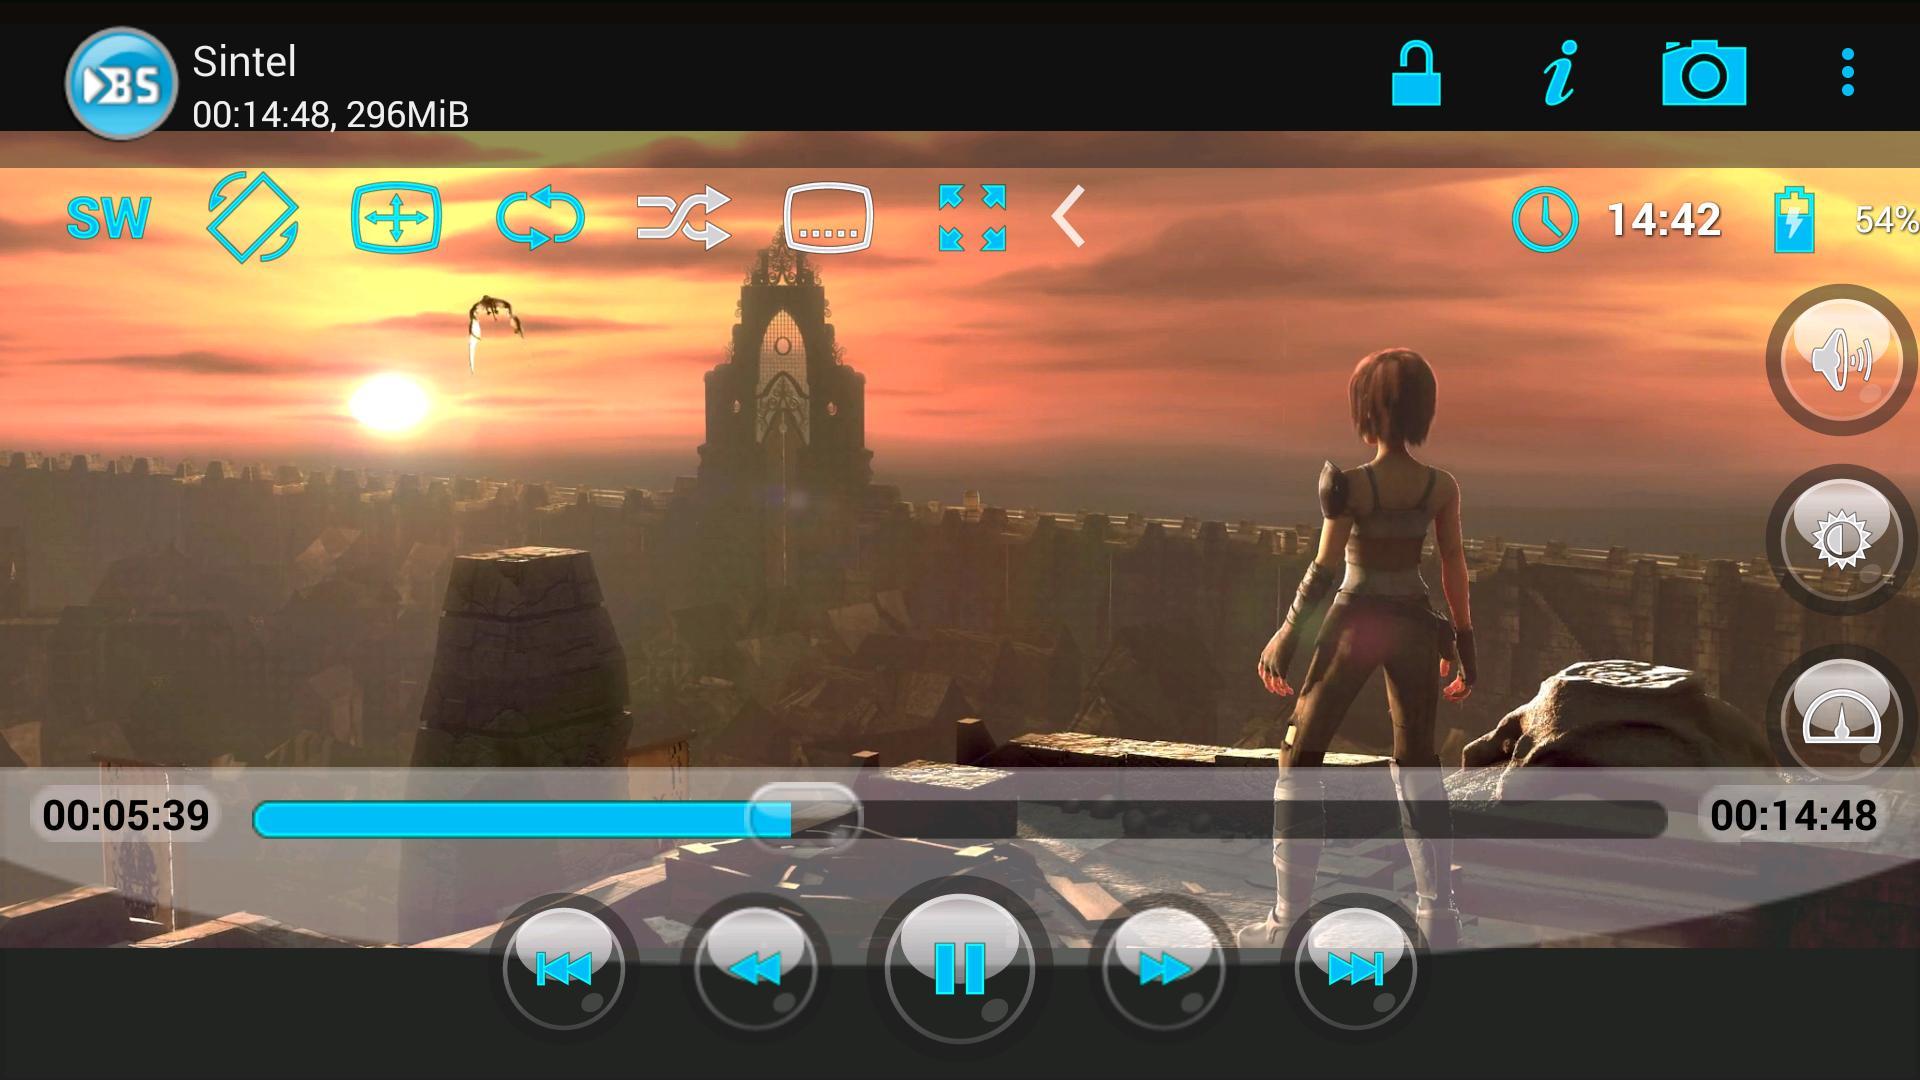 En İyi Video Oynatıcı Uygulamaları